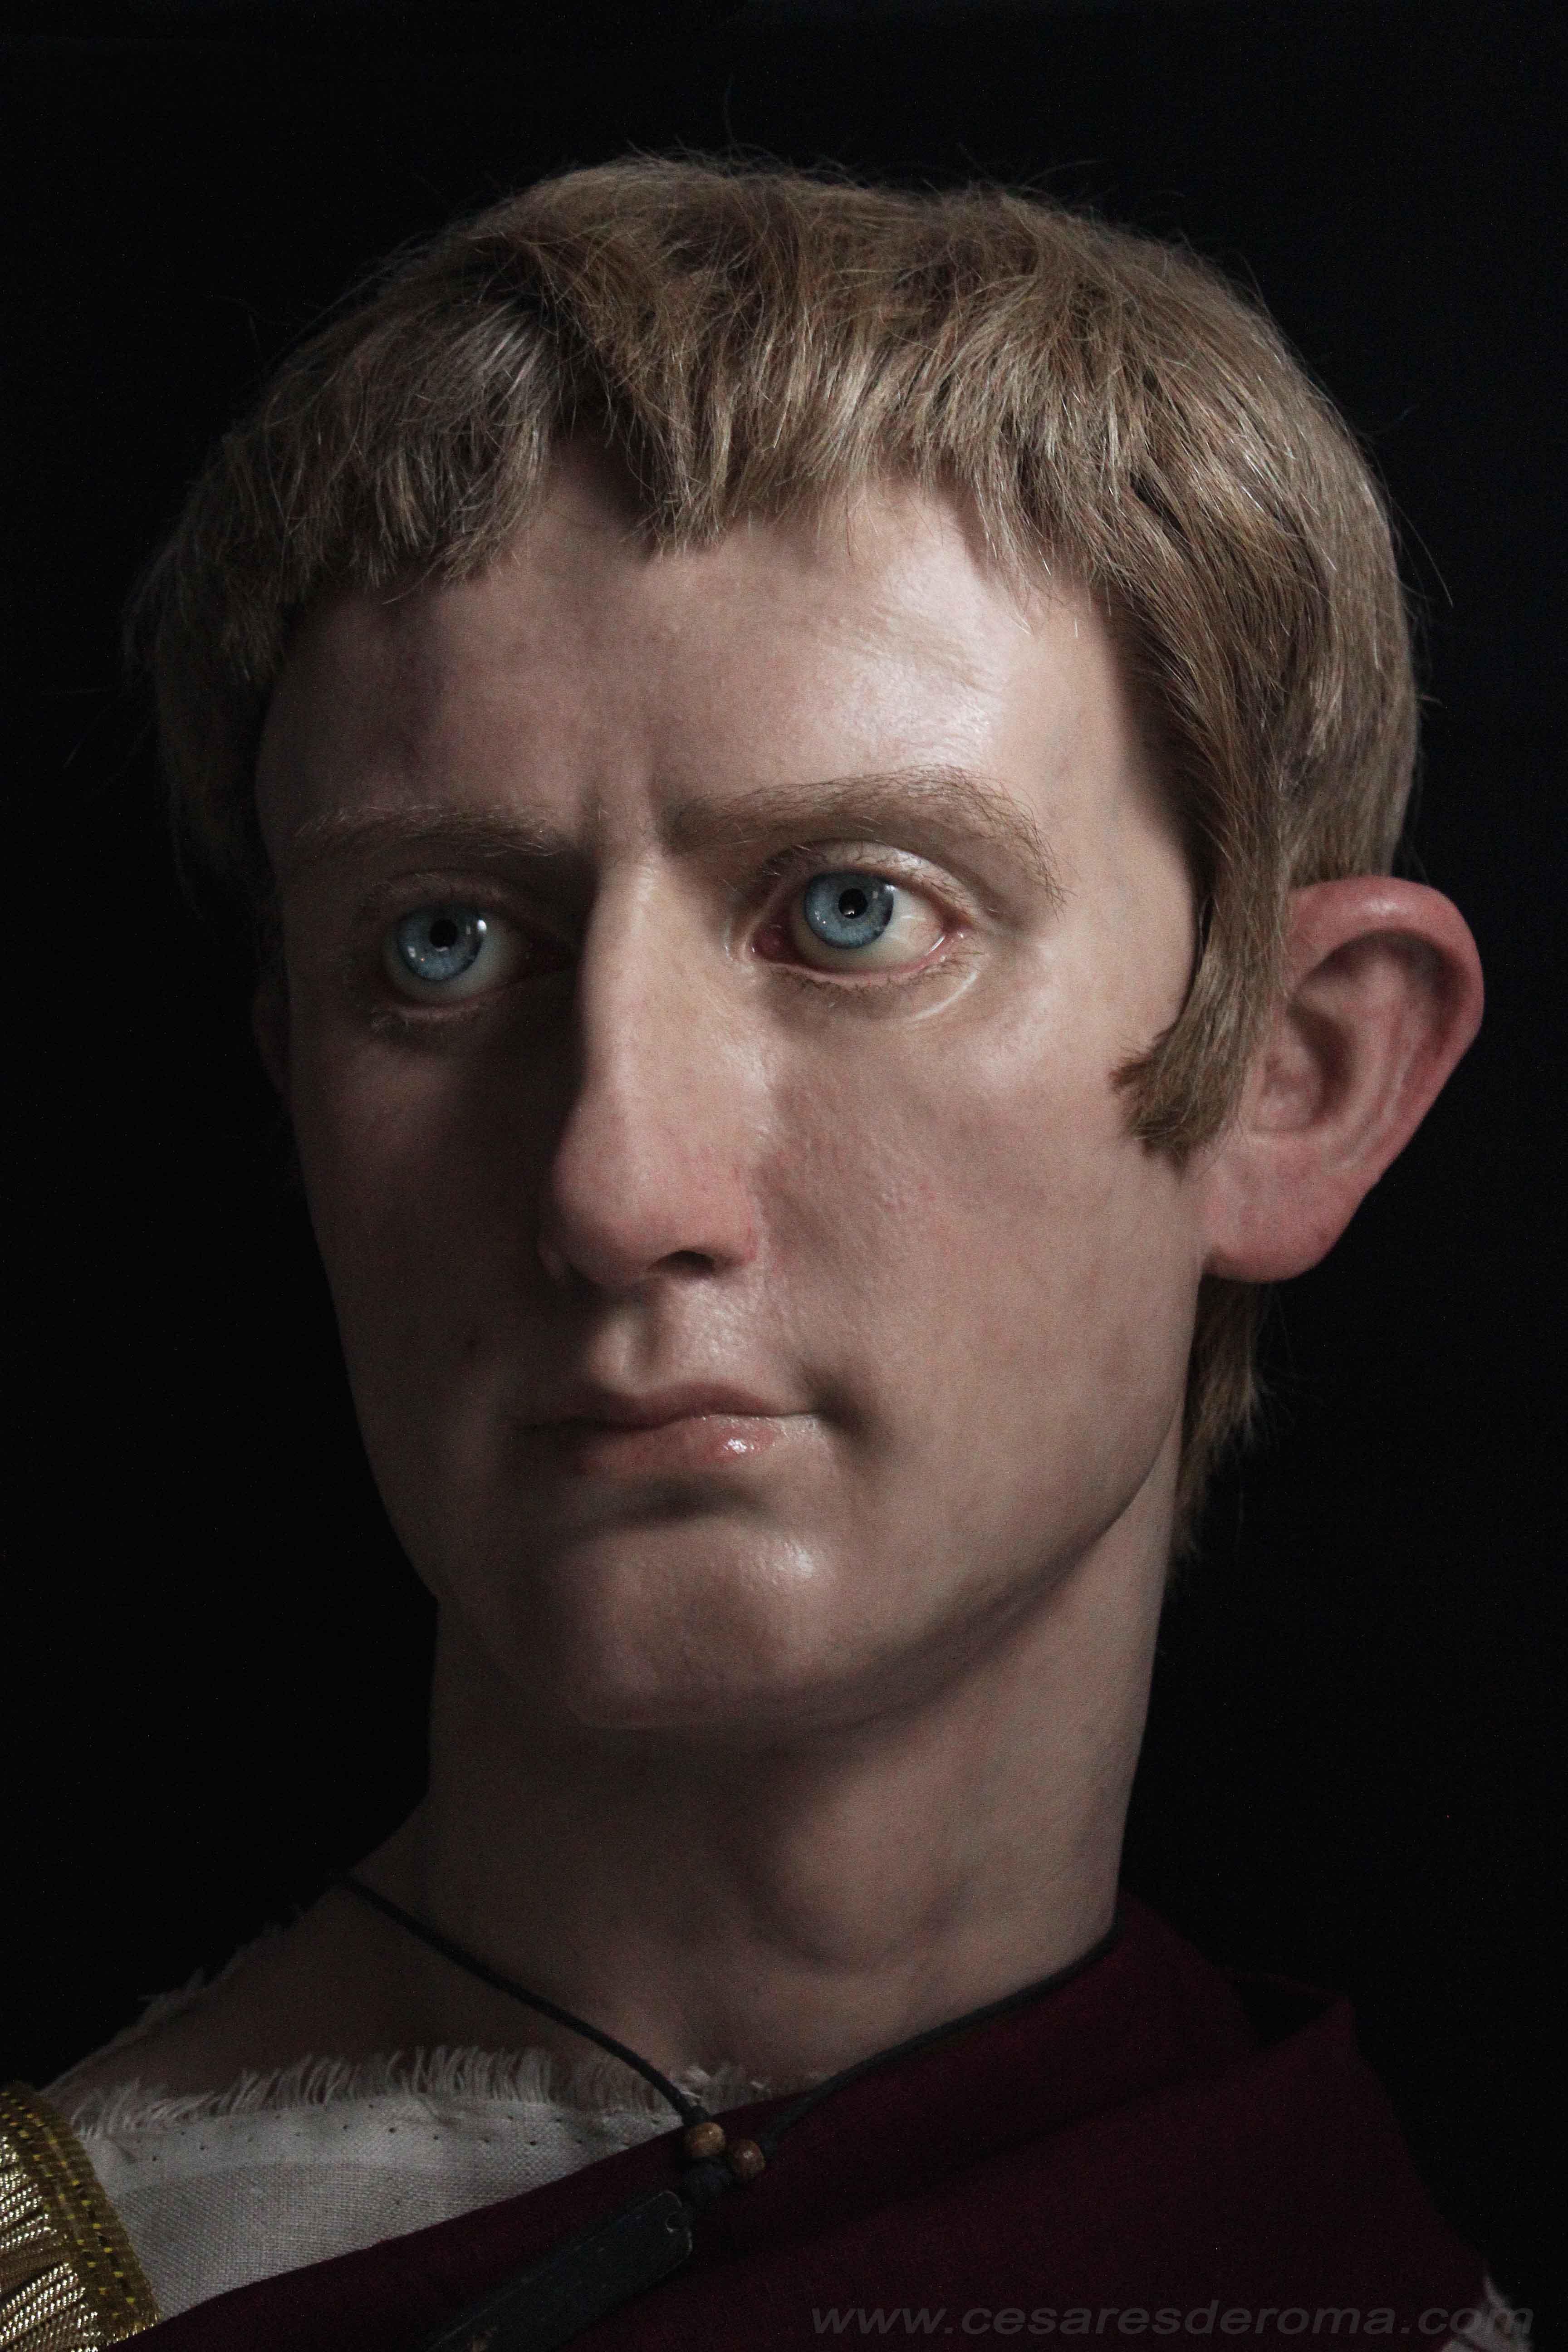 Октавиан привидно възстановява Римската република и формално връща властта на римския Сенат, но на практика запазва своята автократична позиция. Постепенно изработва точната рамка, в която републиката да бъде водена от едноличен владетел– резултатът от нея е Римската империя.